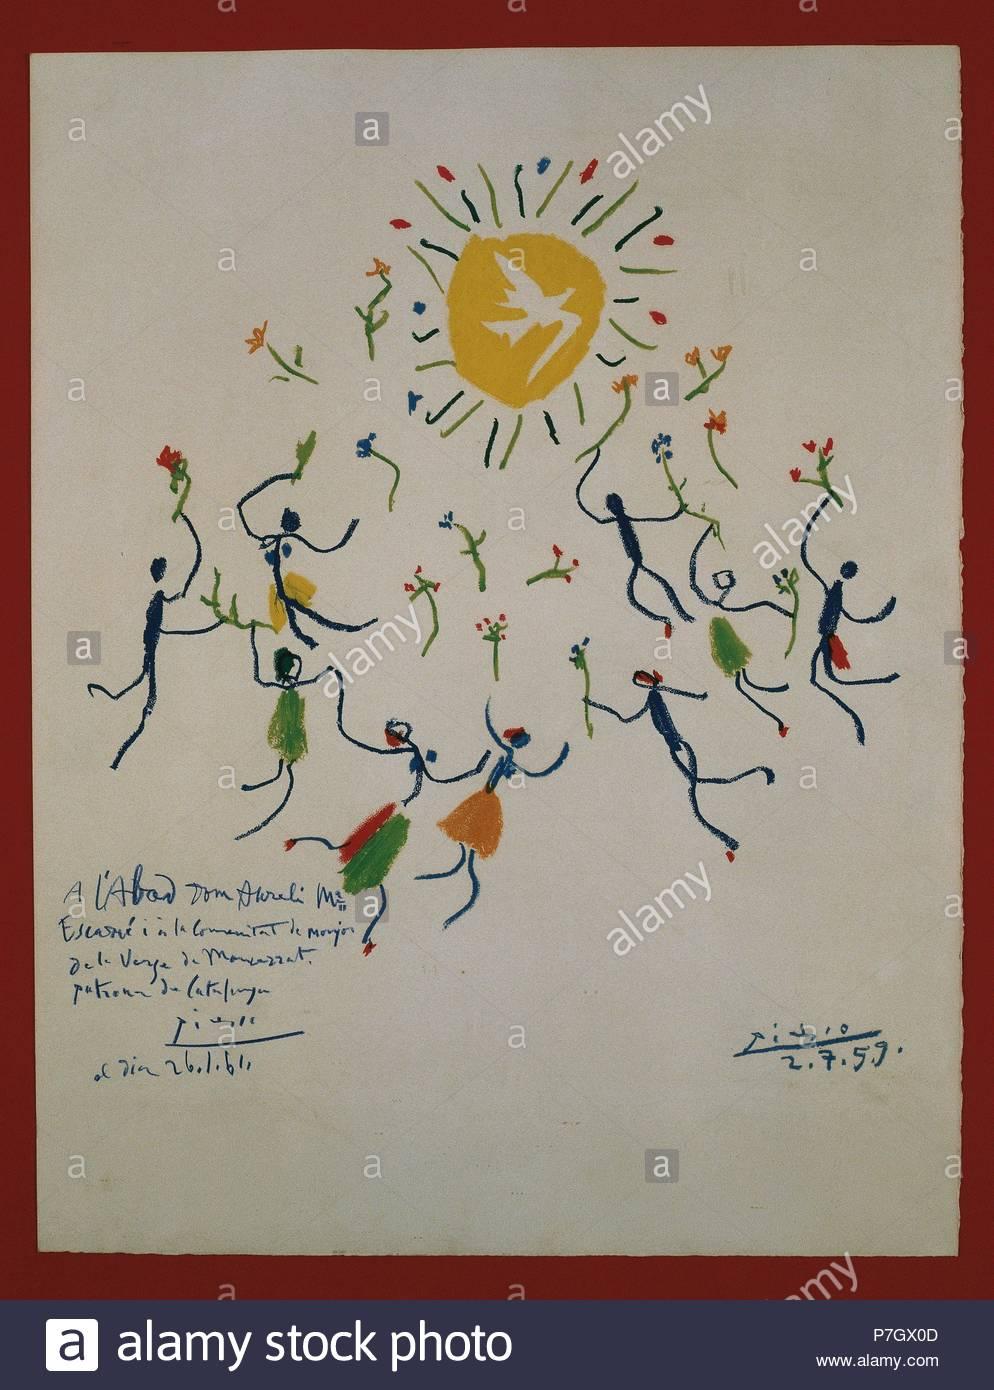 PICASSO, Pablo Ruiz (Málaga,1881-Mougins,Francia, 1973). Pintor español. 'LA SARDANA'. Litografía, 1959. Museu de Montserrat. Provincia de Barcelona. Cataluña. - Stock Image